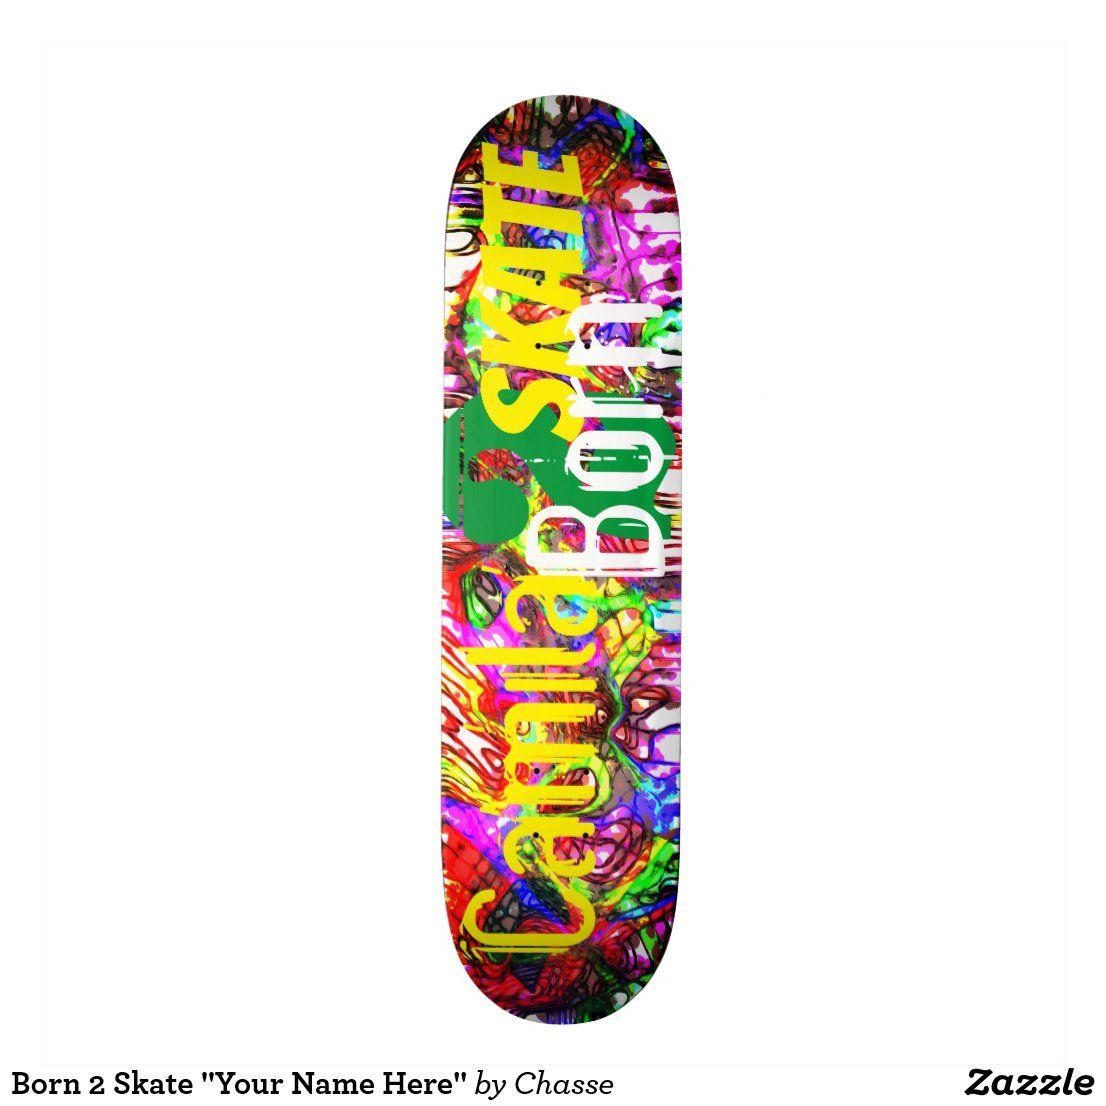 Born 2 Skate Your Name Here Skateboard Zazzle Com In 2020 Skateboard Cool Skateboards Skateboard Decks